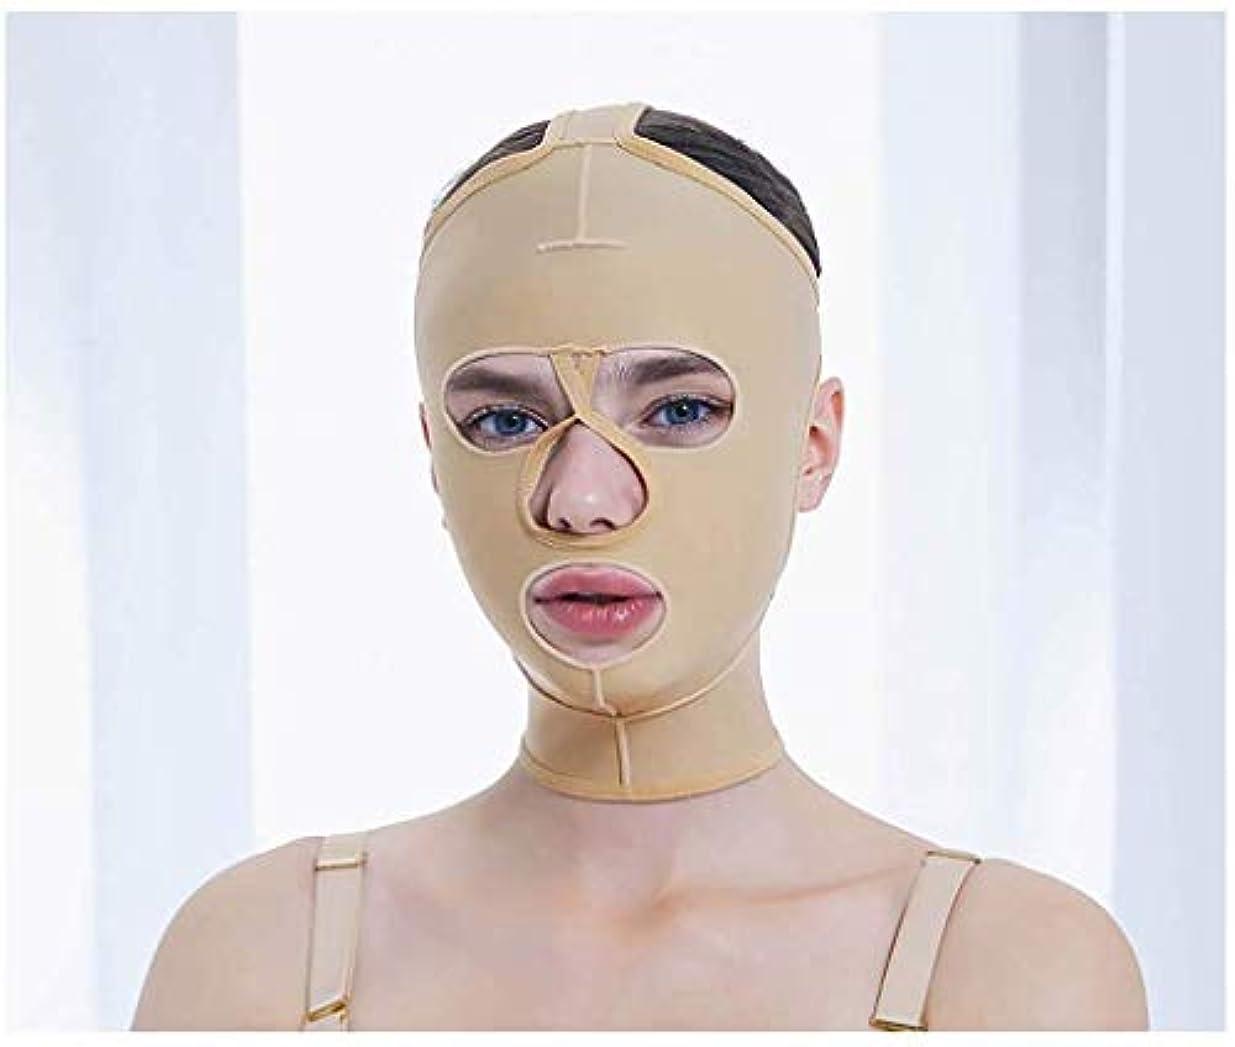 多様なご飯トランペットスリミングVフェイスマスク、顔と首のリフト、減量フェイスマスク脂肪吸引術脂肪吸引術シェーピングマスクフードフェイスリフティングアーティファクトVフェイスビームフェイス弾性スリーブ(サイズ:M)